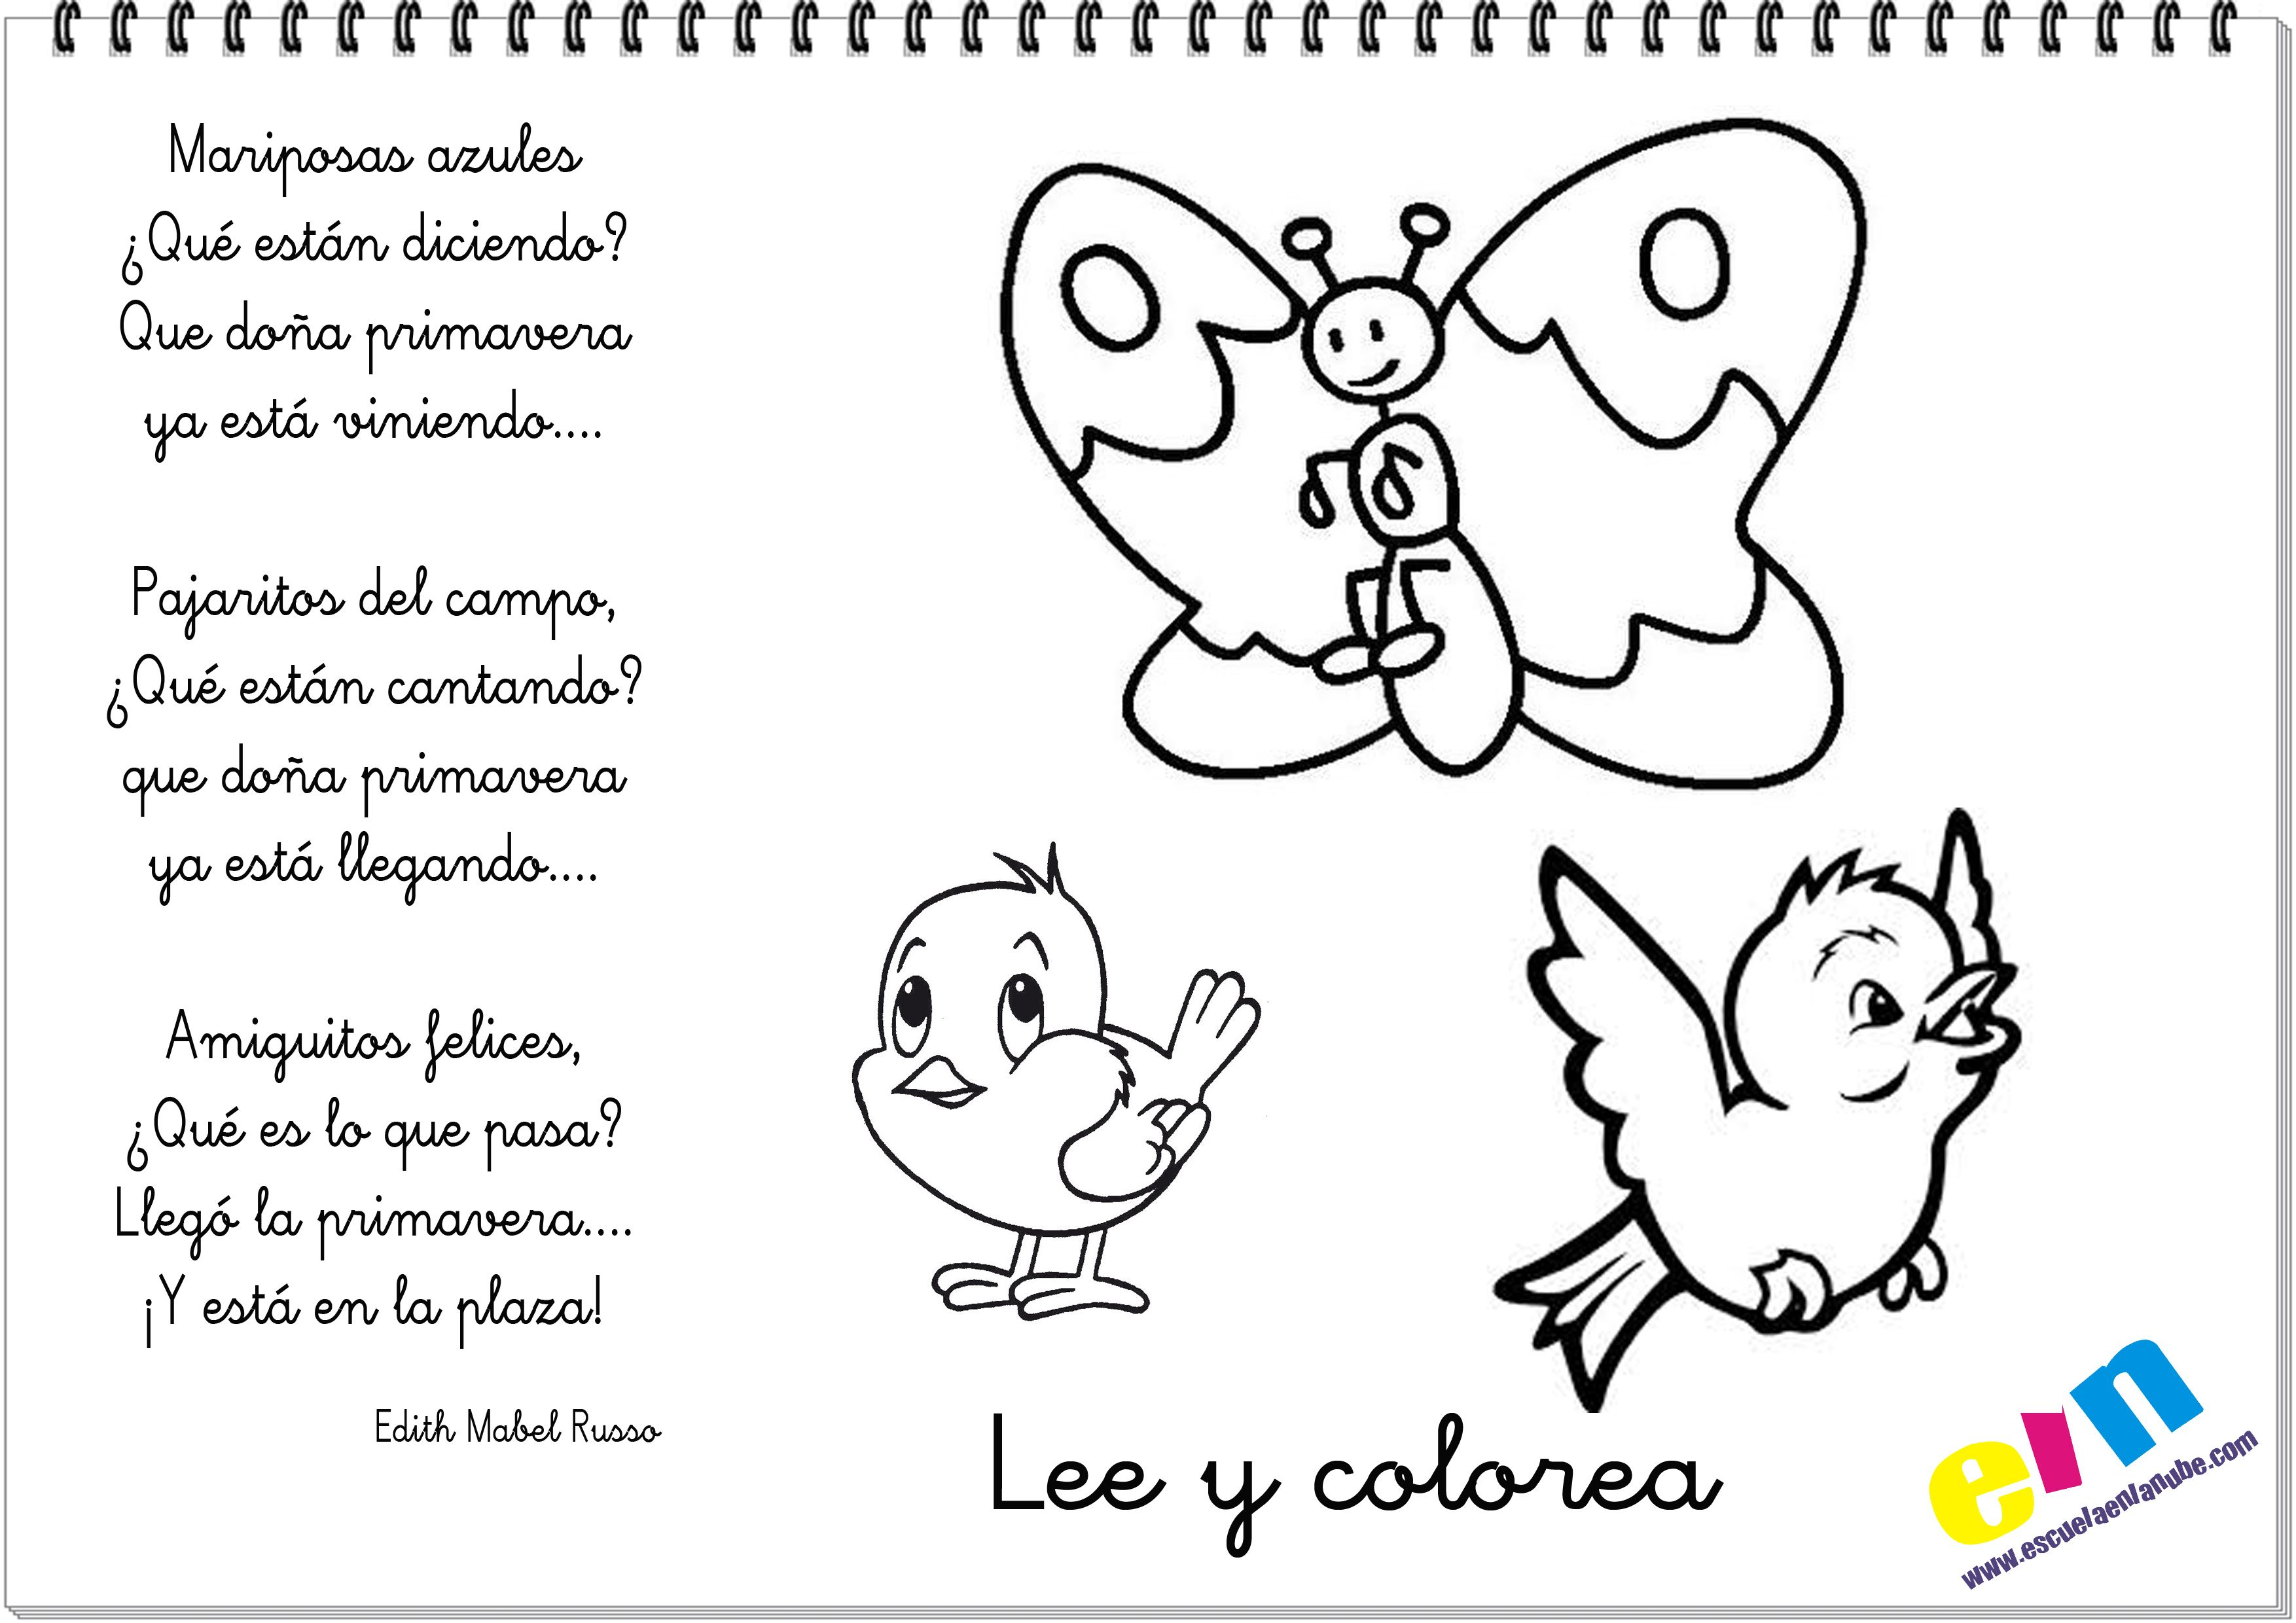 Poemas Cortos De La Primavera Primavera9 300x212 Primavera9